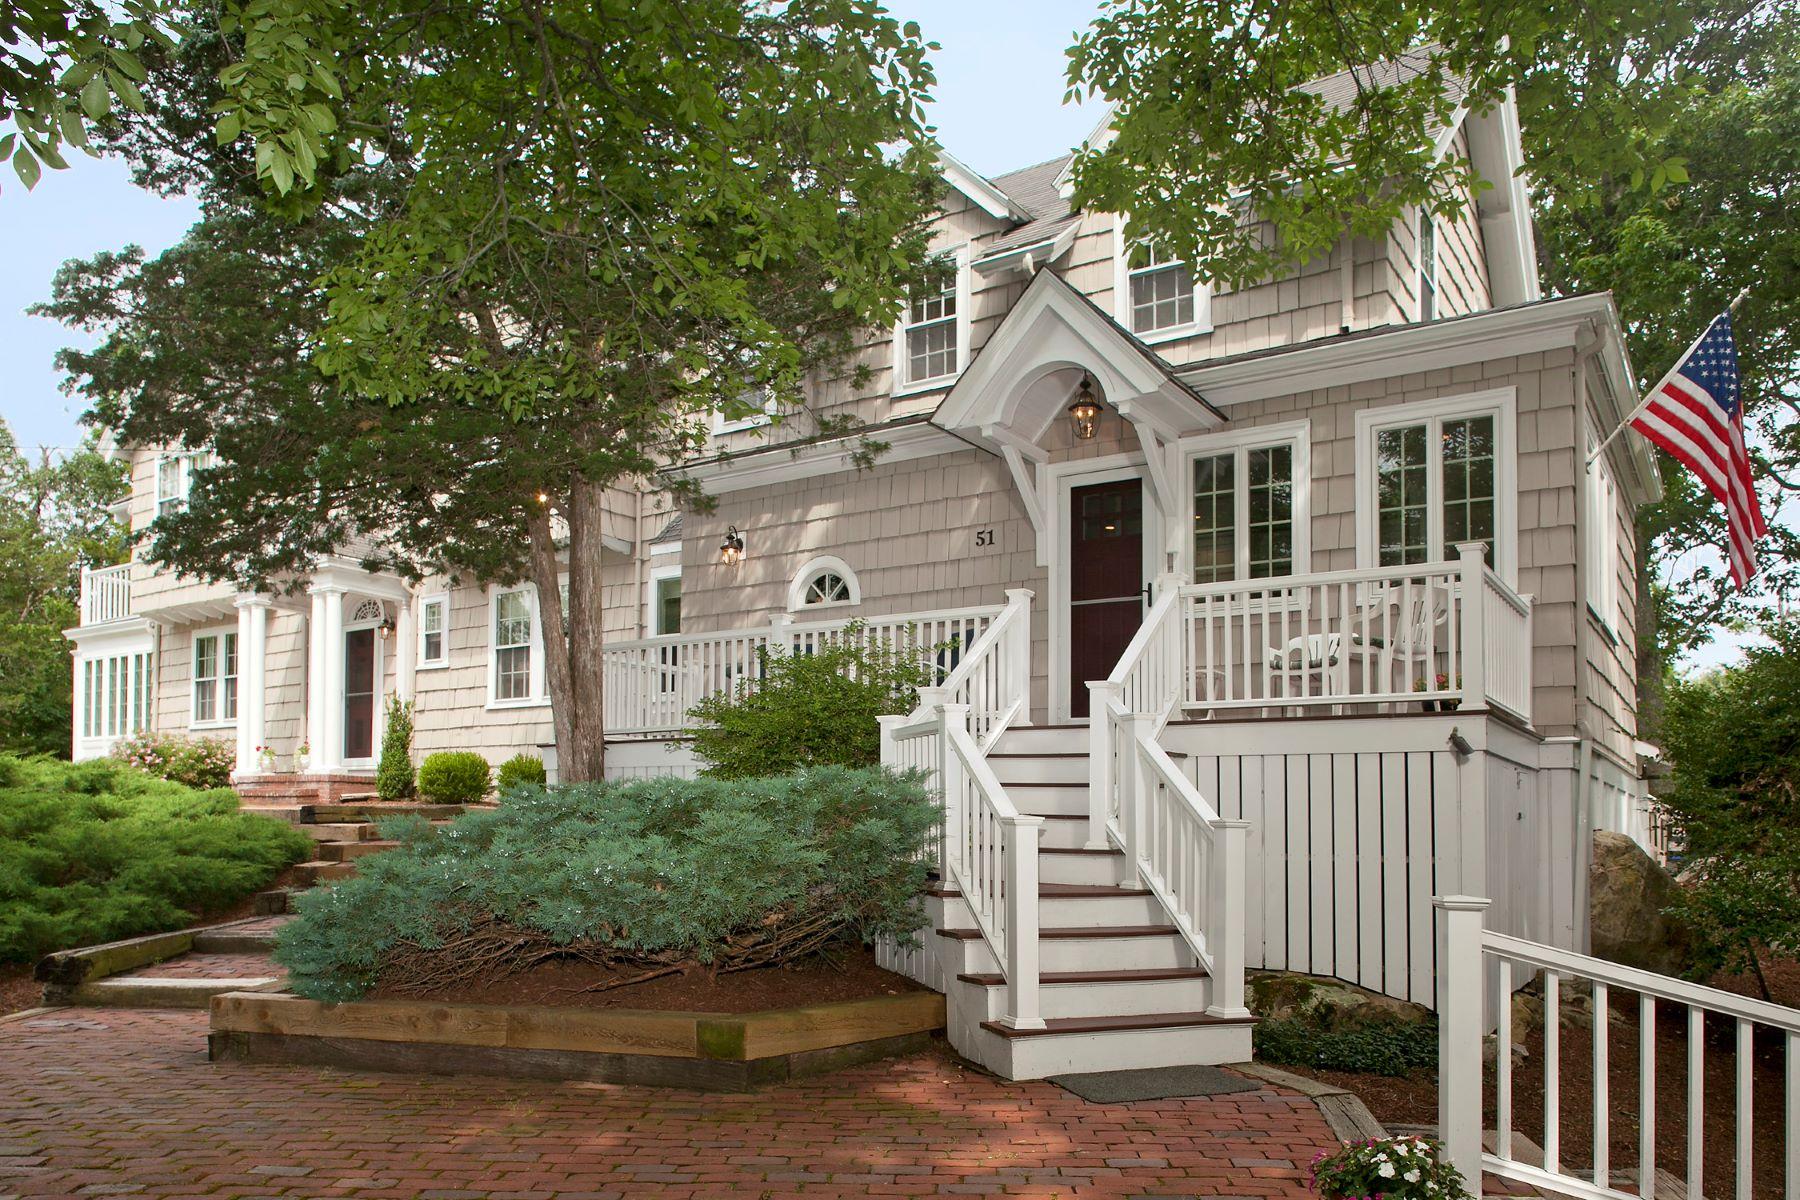 Casa Unifamiliar por un Venta en Cohasset Classic 51 Jerusalem Rd. Dr. Cohasset, Massachusetts, 02025 Estados Unidos